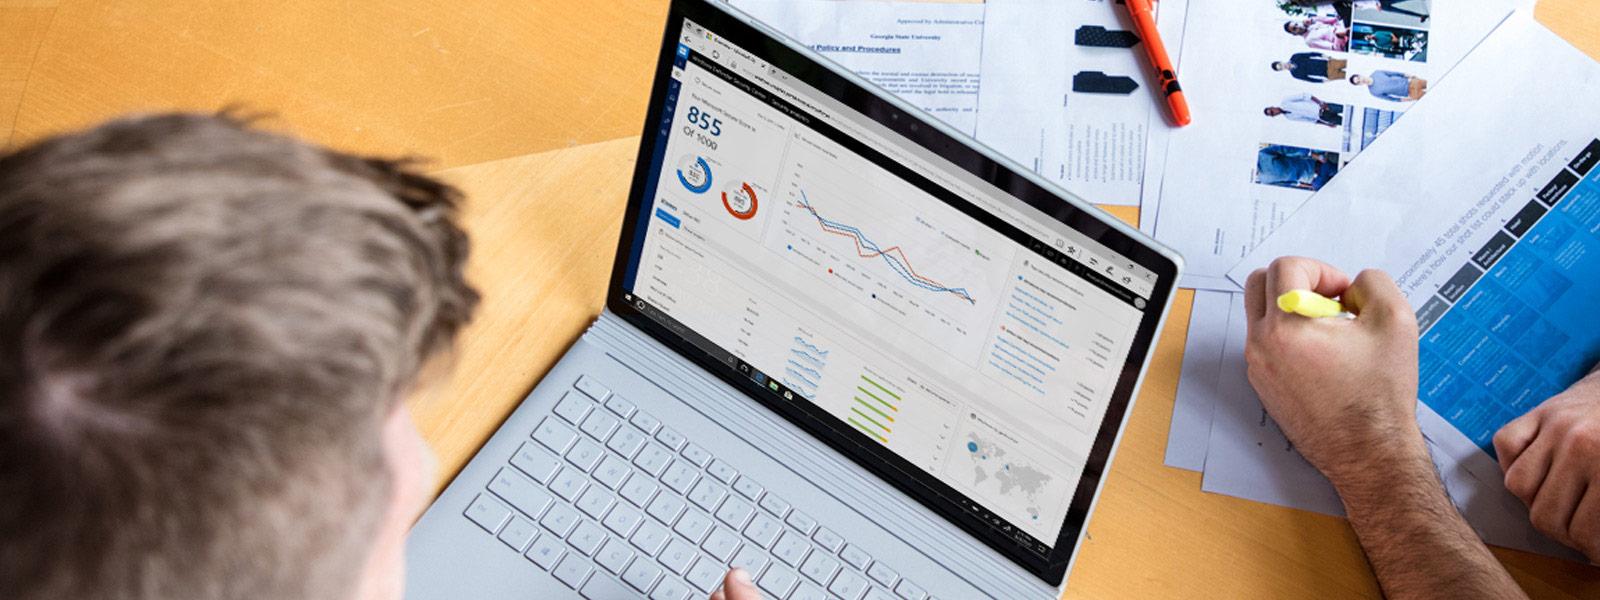 Windows Defender Center sullo schermo di un portatile